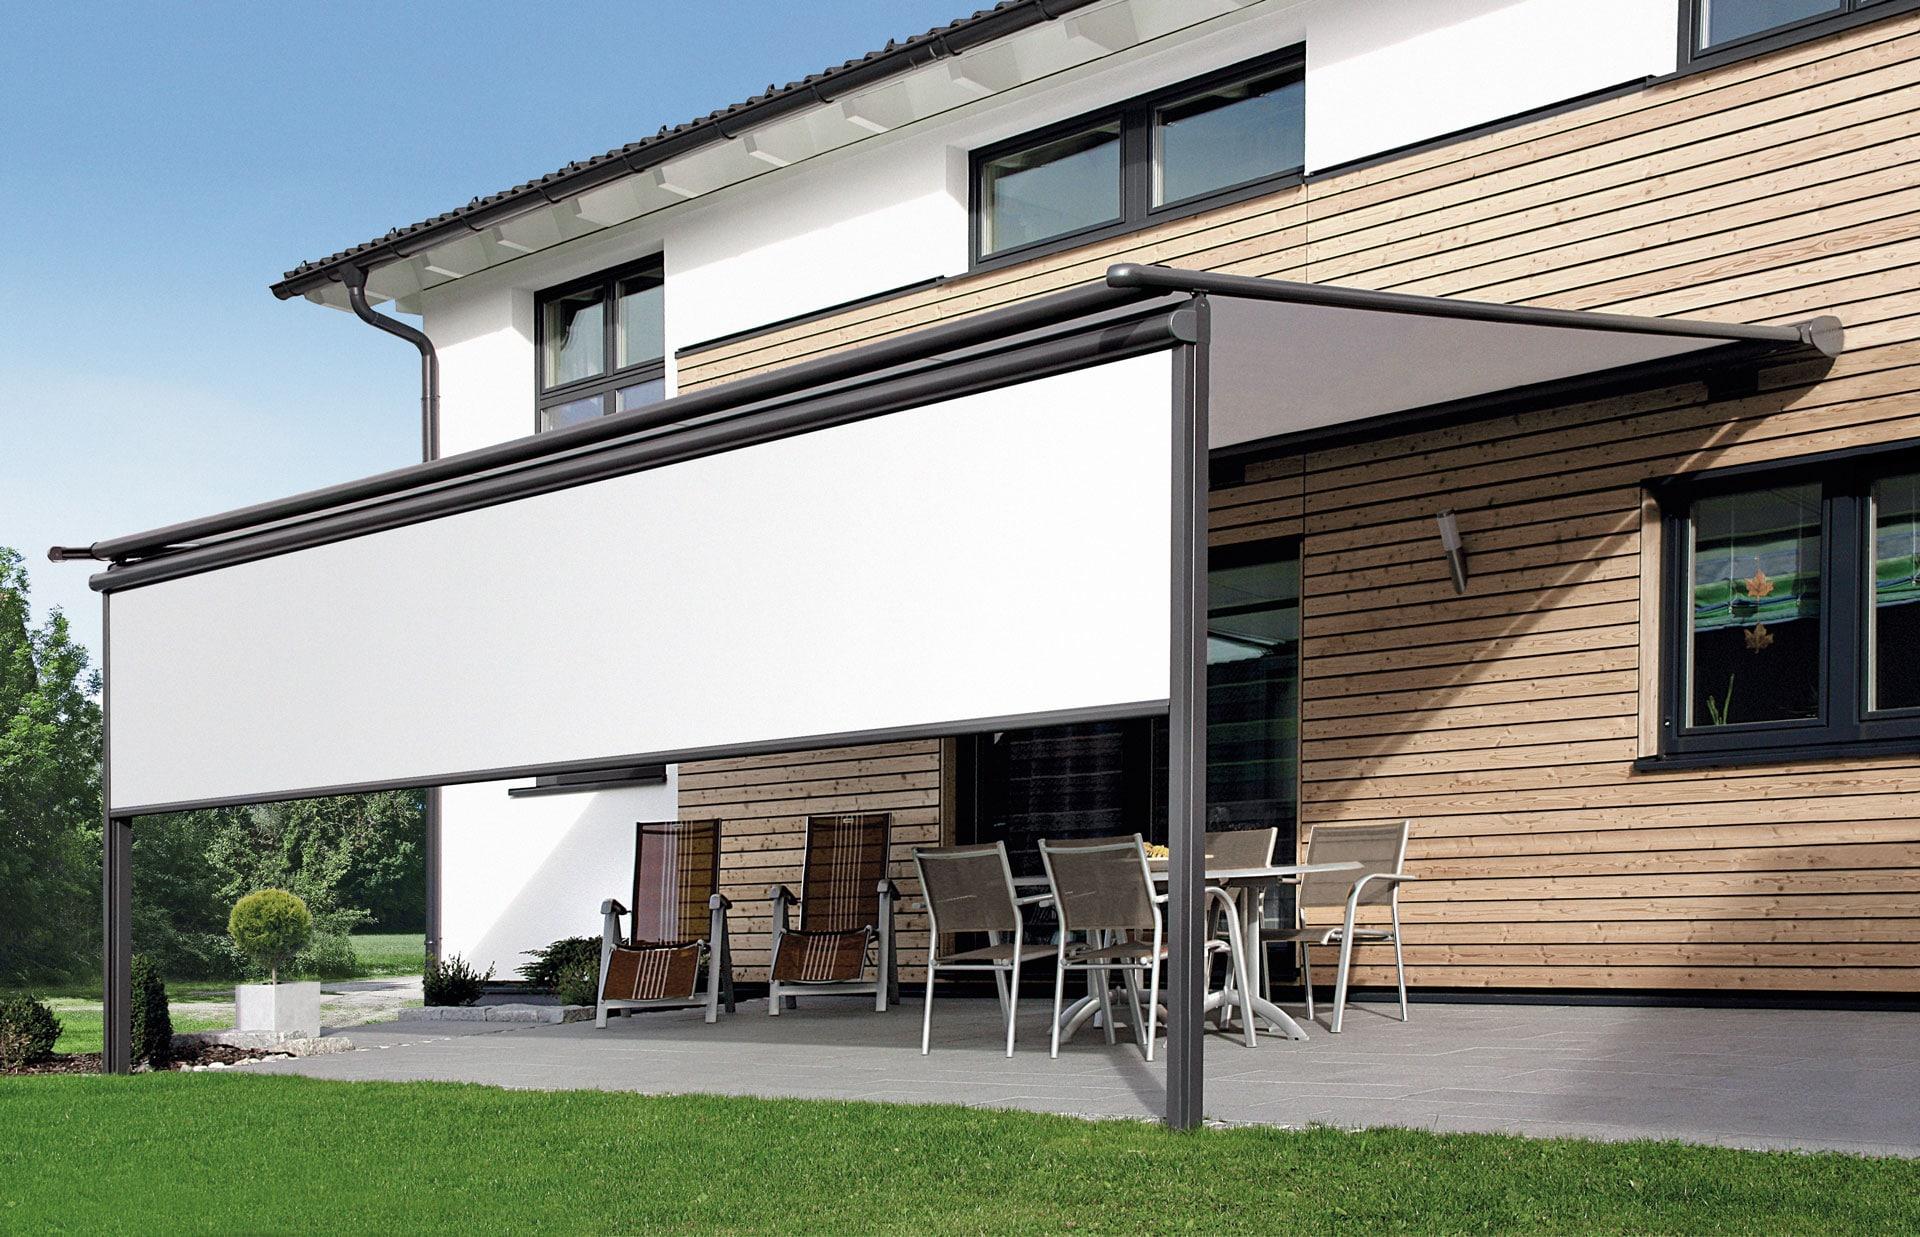 PM 04 | Pergola Beschattung weiß elektrisch, Alugerüst grau, Holzfassade bei modernem Haus | Svoboda